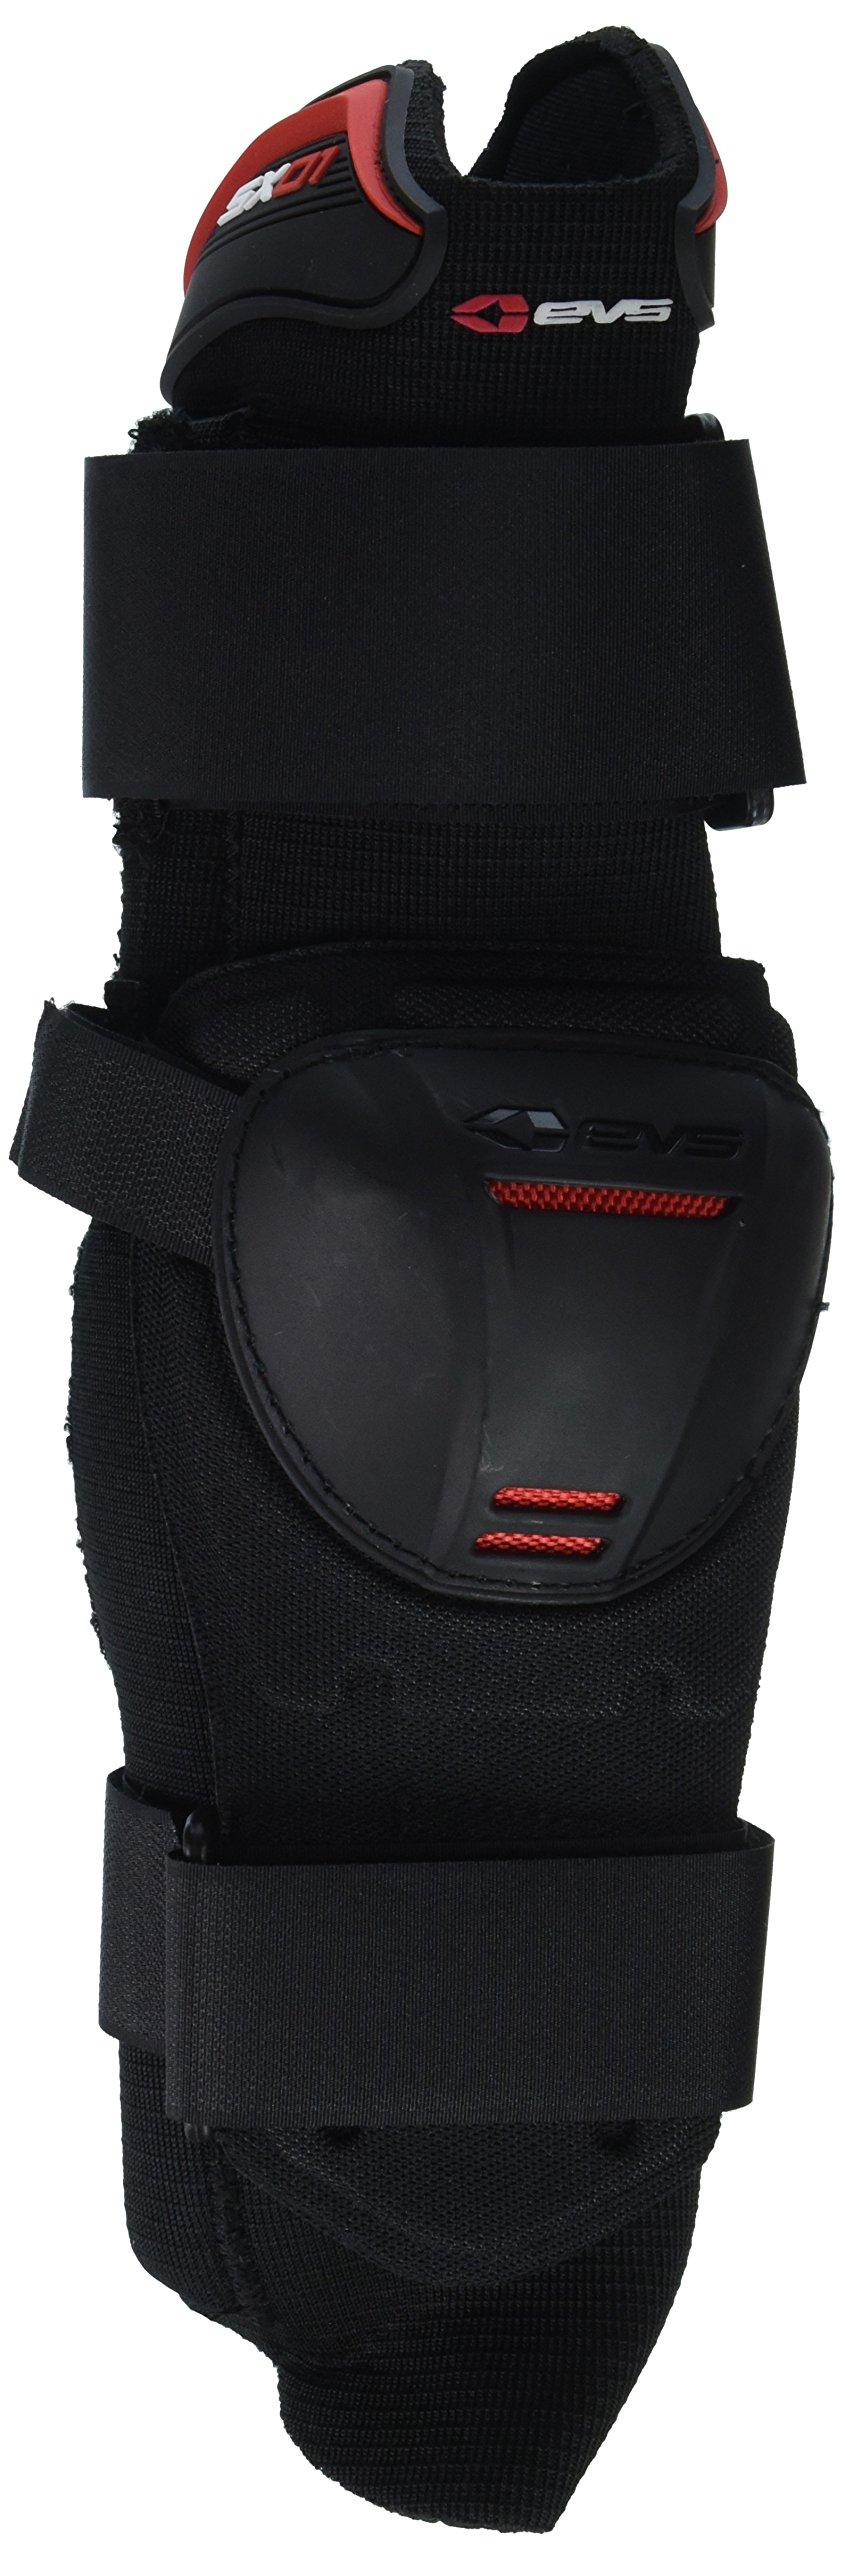 EVS Sports SX01-Y SX01 Knee Brace